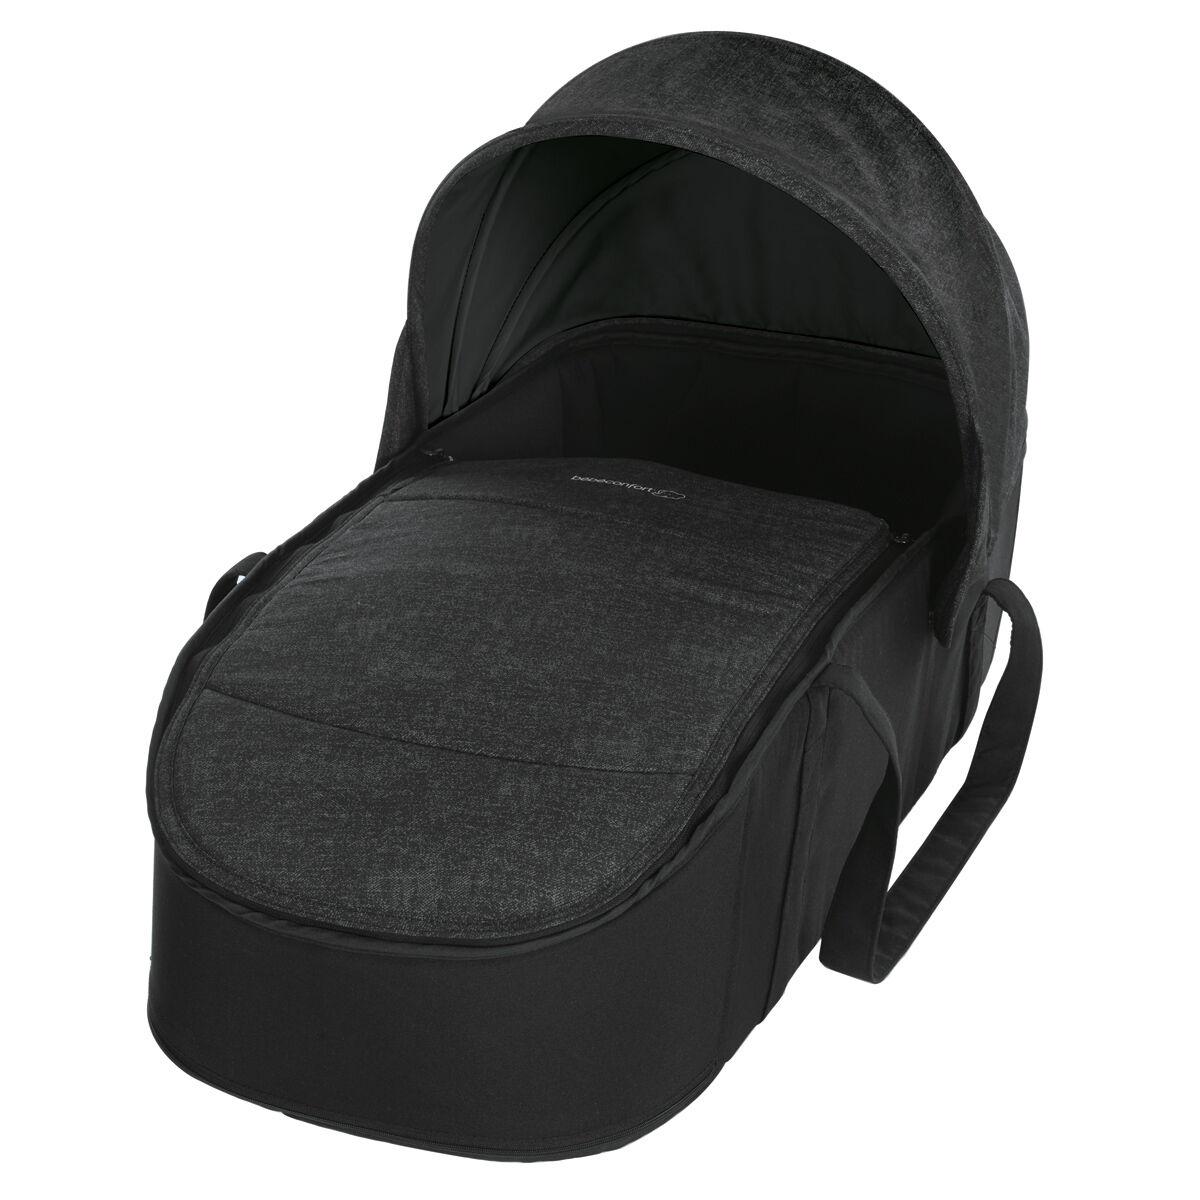 Bébé Confort Nacelle Laïka - Nomad Black